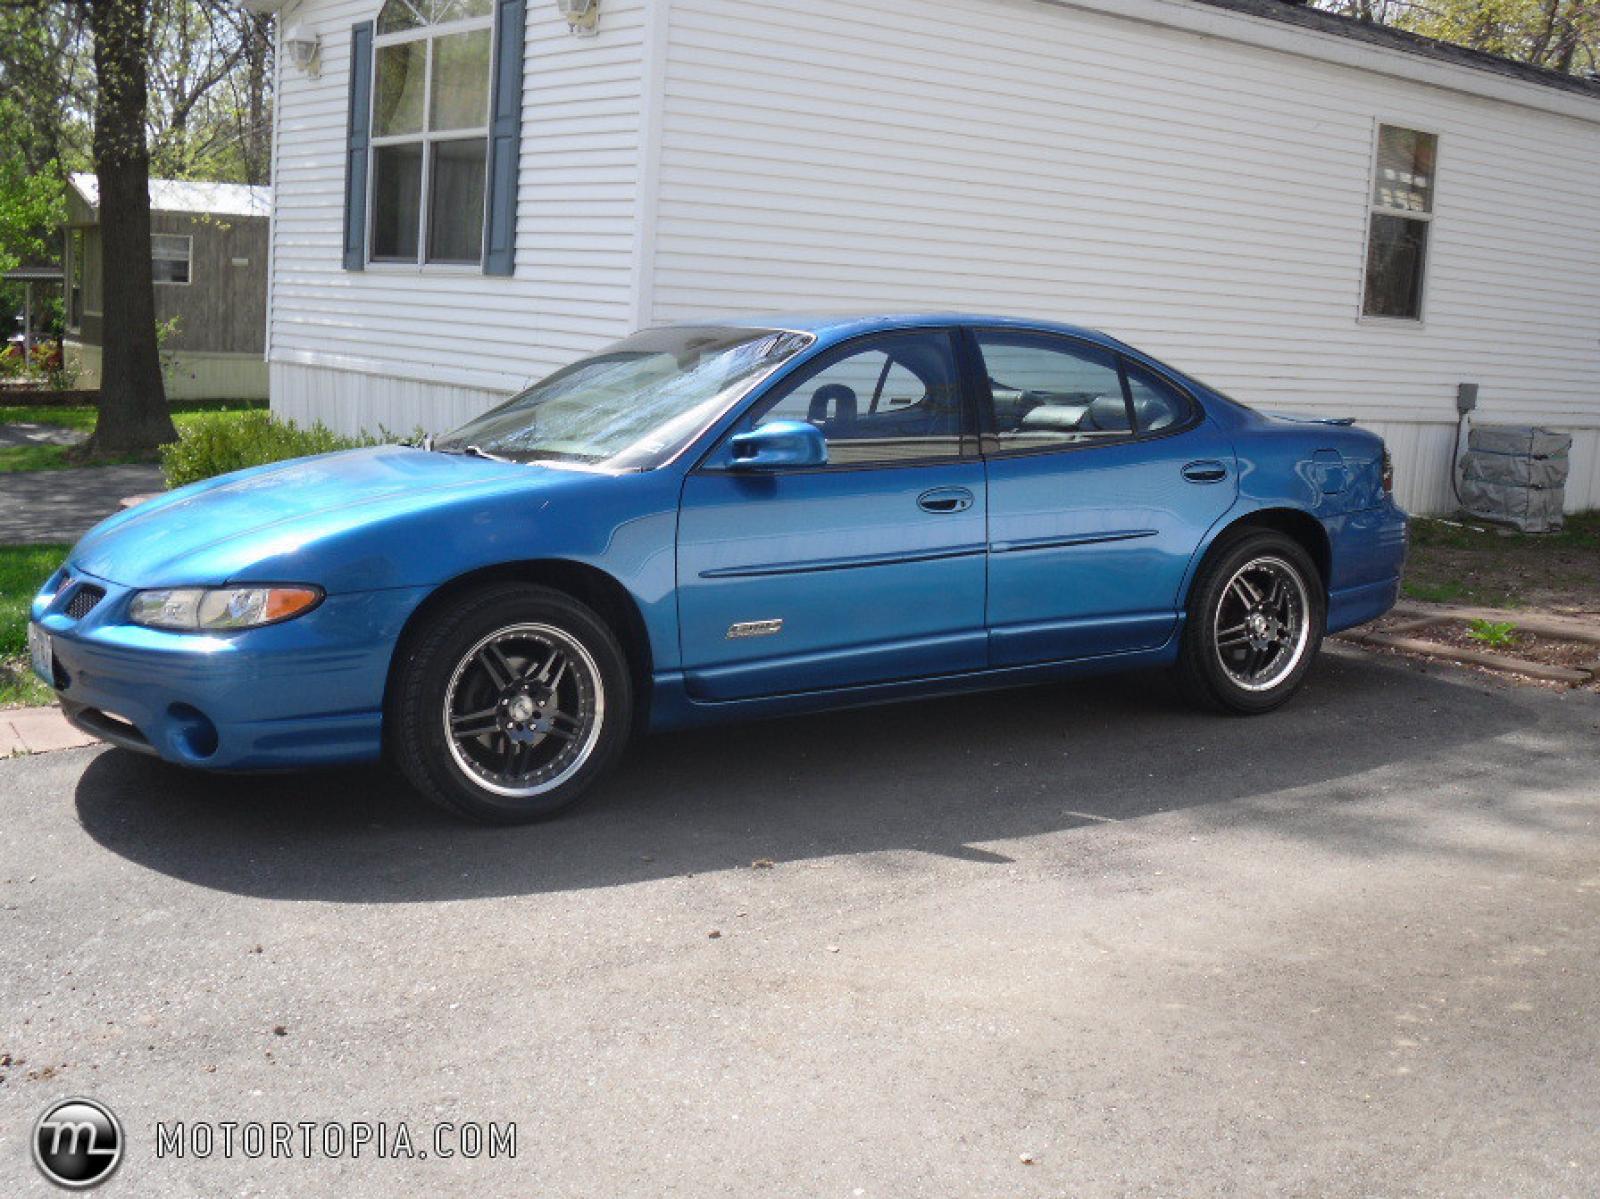 800 1024 1280 1600 Origin 1999 Pontiac Grand Prix